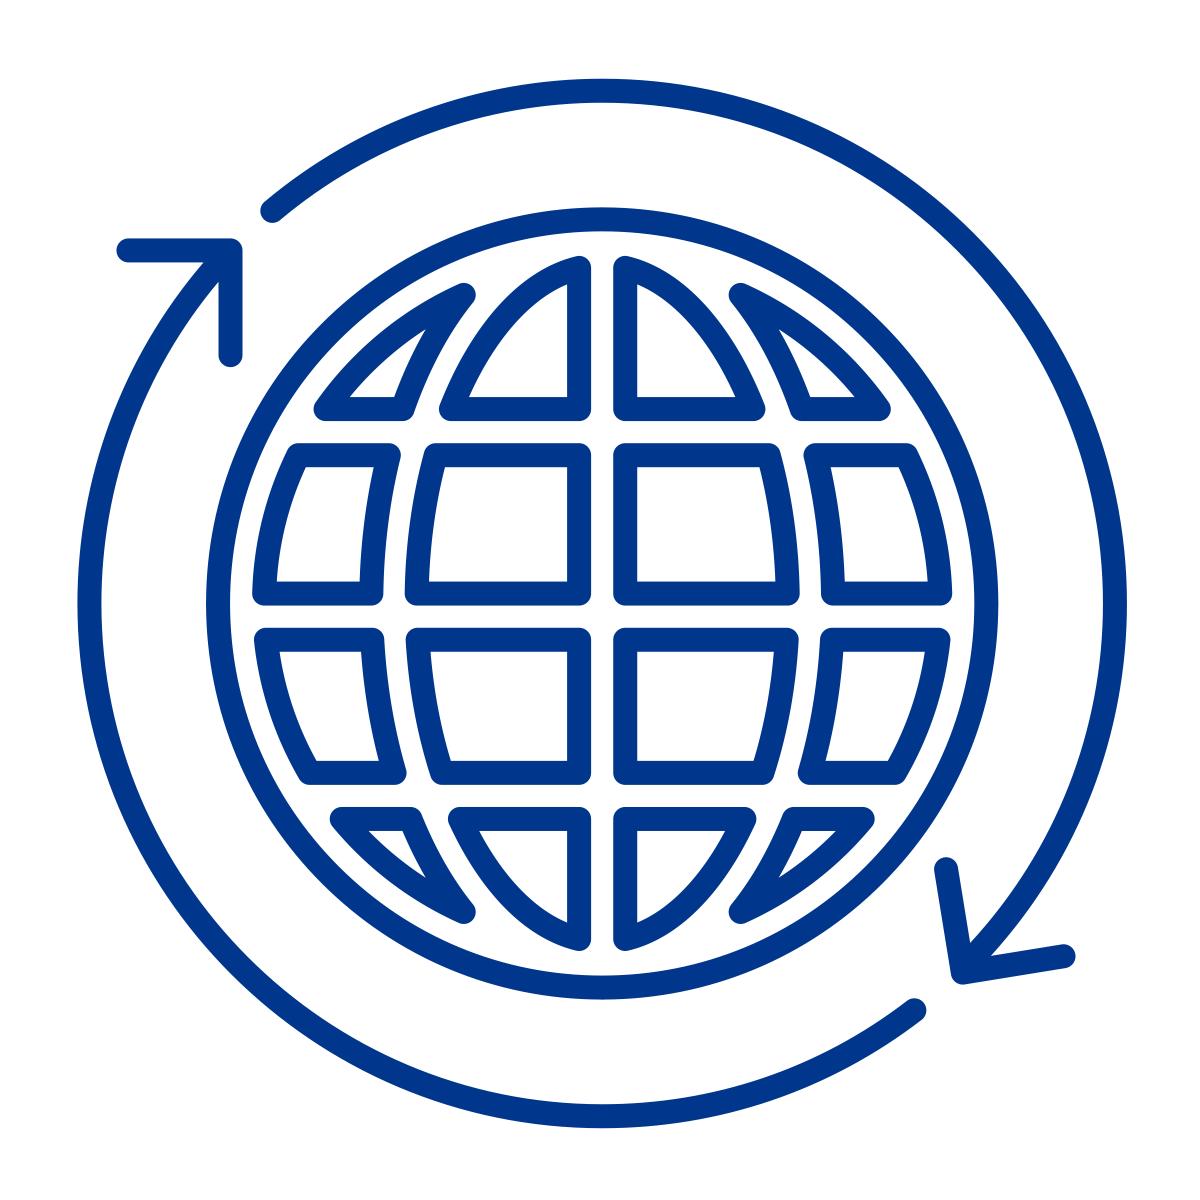 noun_Globe Arrows_1641902_00368b.png